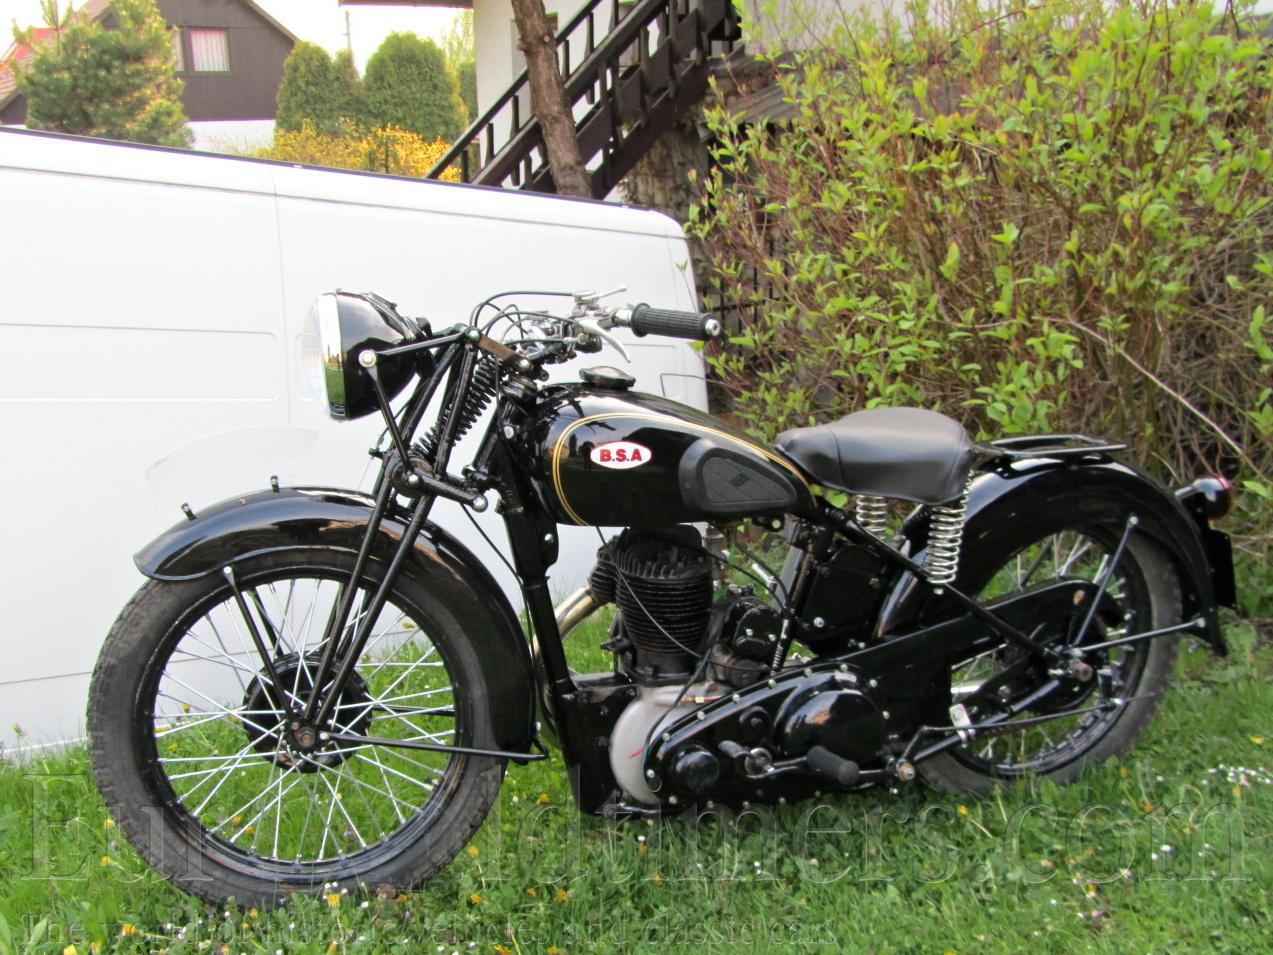 NAVER まとめバイク好き・ミリタリー好き必見! レトロでかっこいい軍用バイクまとめ